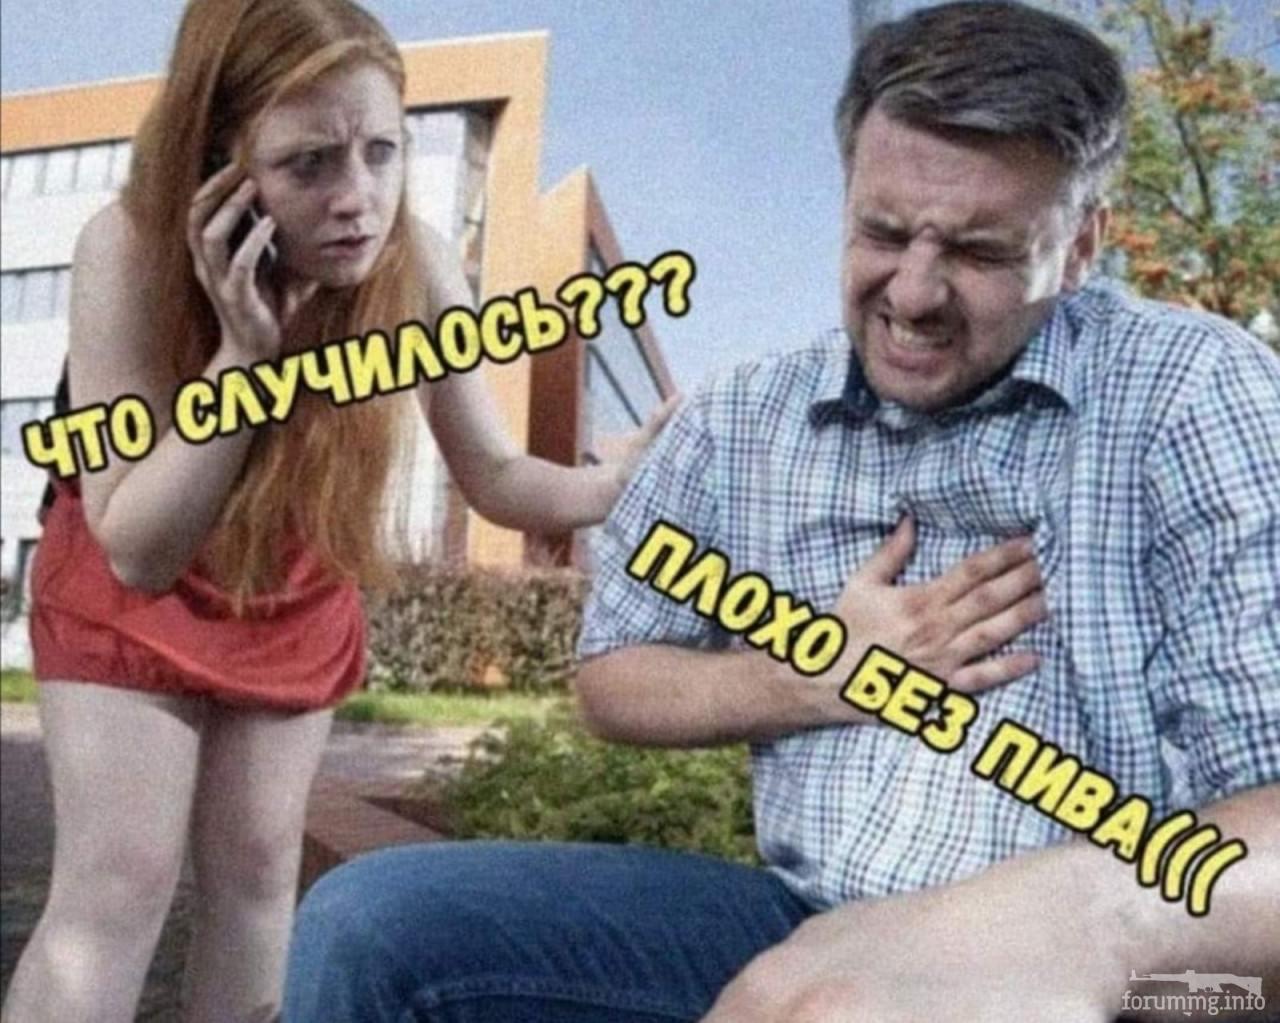 127695 - Пить или не пить? - пятничная алкогольная тема )))